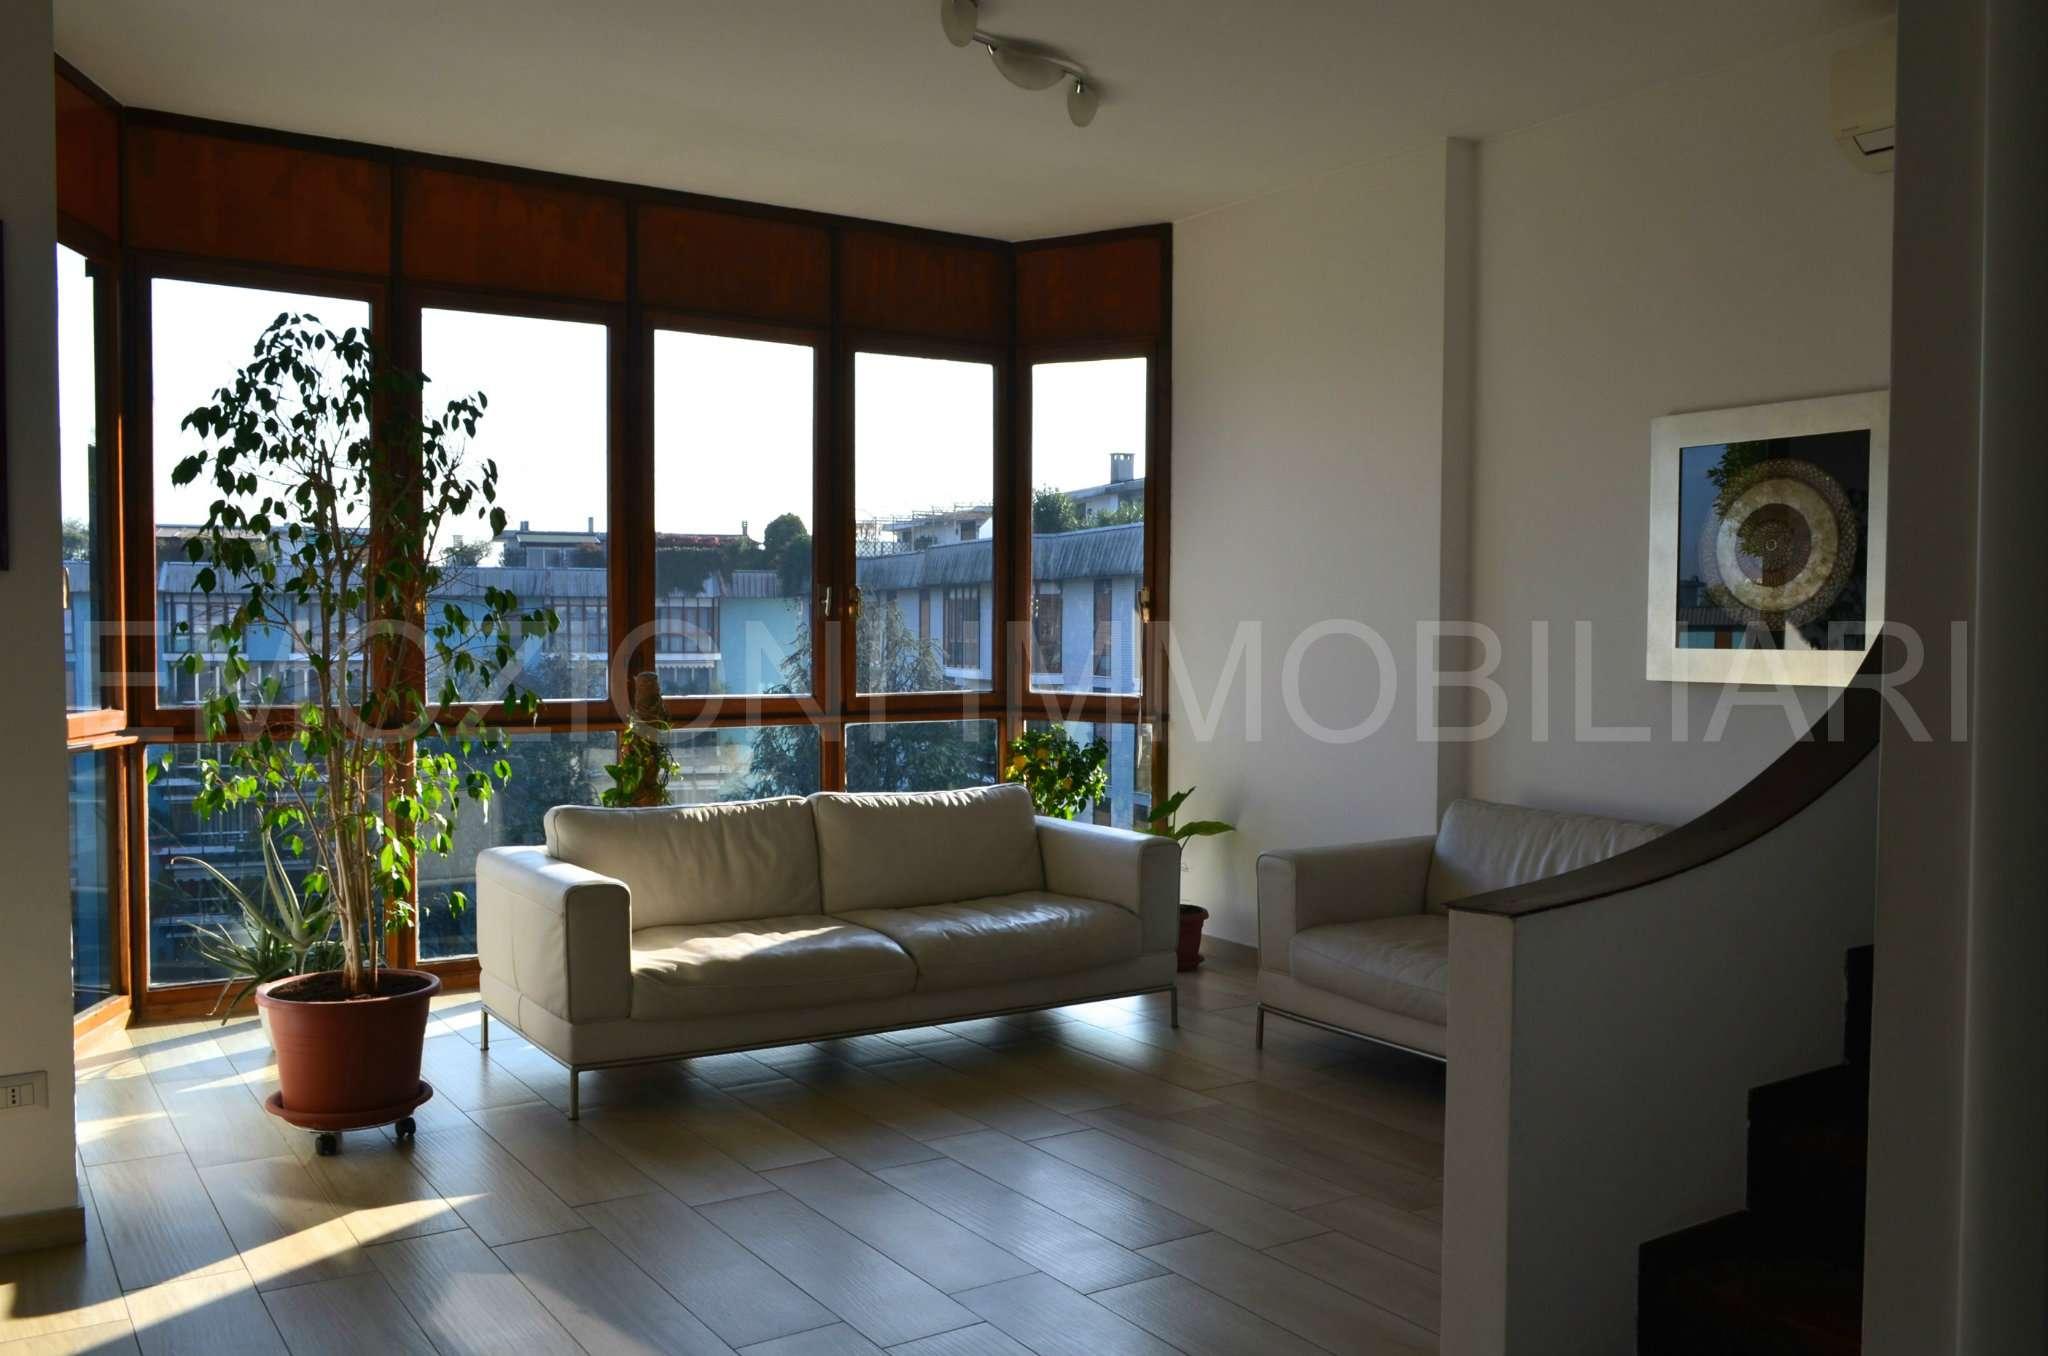 Attico / Mansarda in vendita a Brugherio, 4 locali, prezzo € 450.000 | Cambio Casa.it